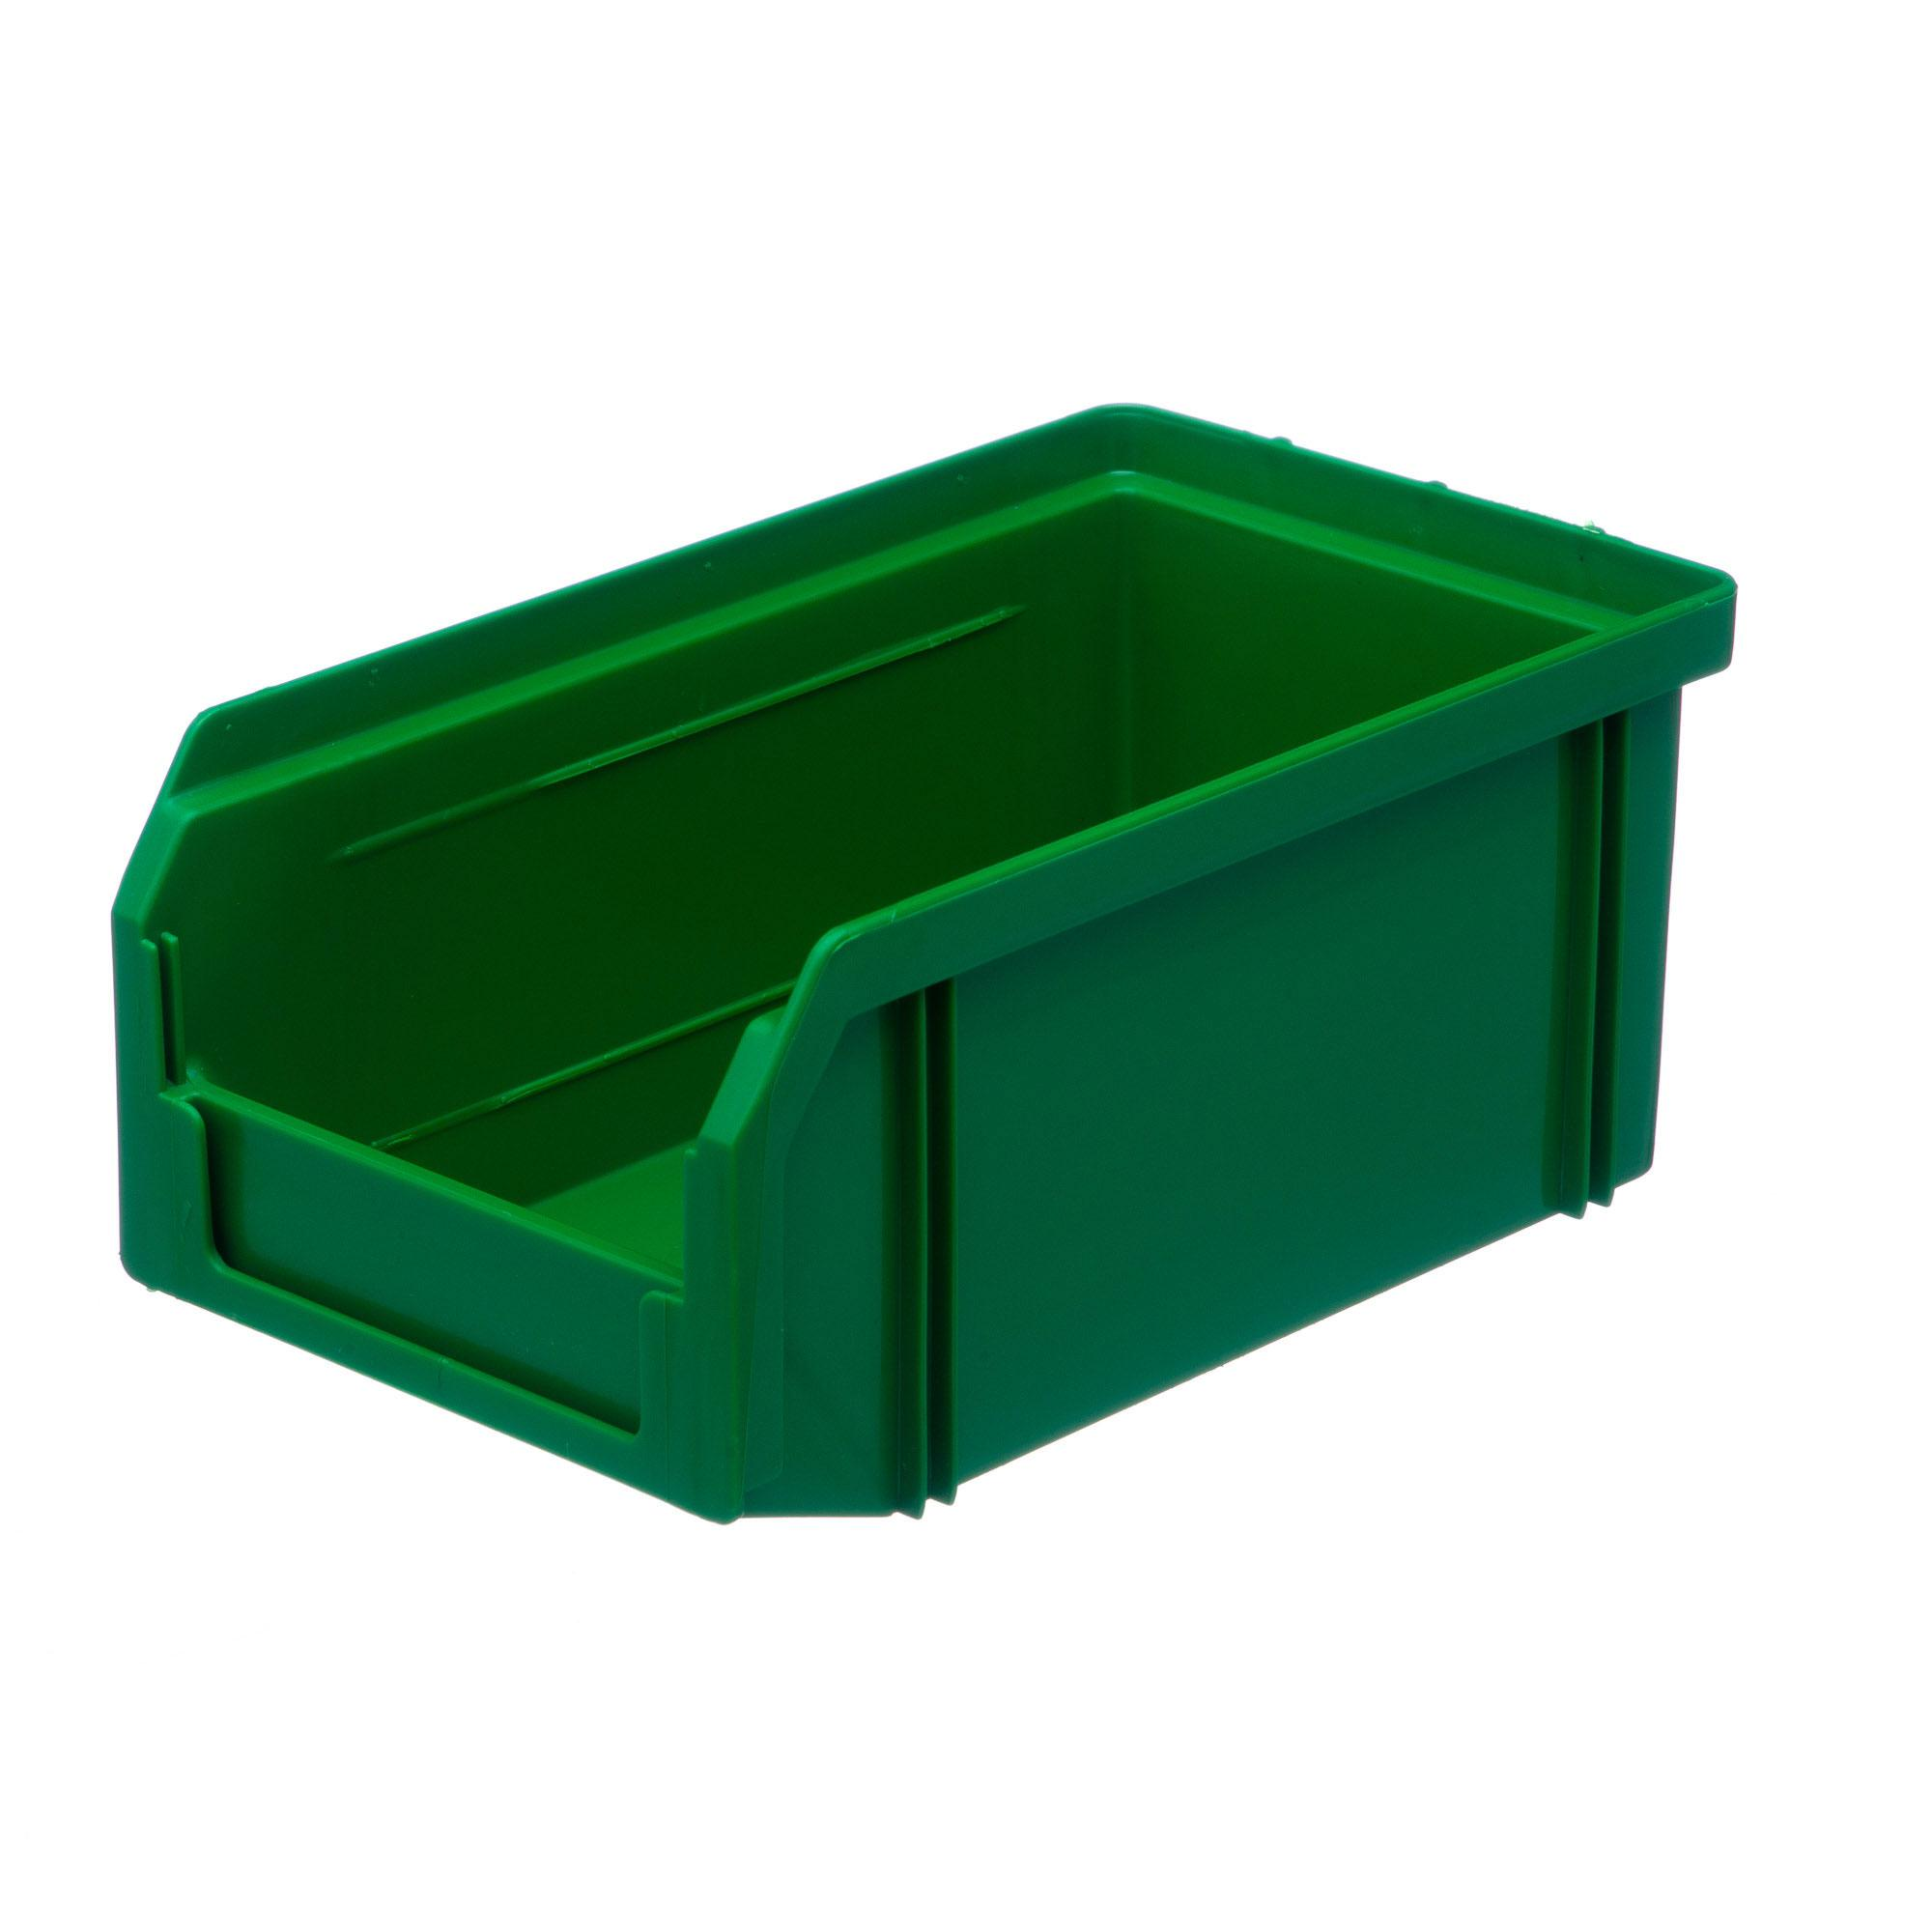 Ящик СТЕЛЛА V-1 зеленый от 220 Вольт